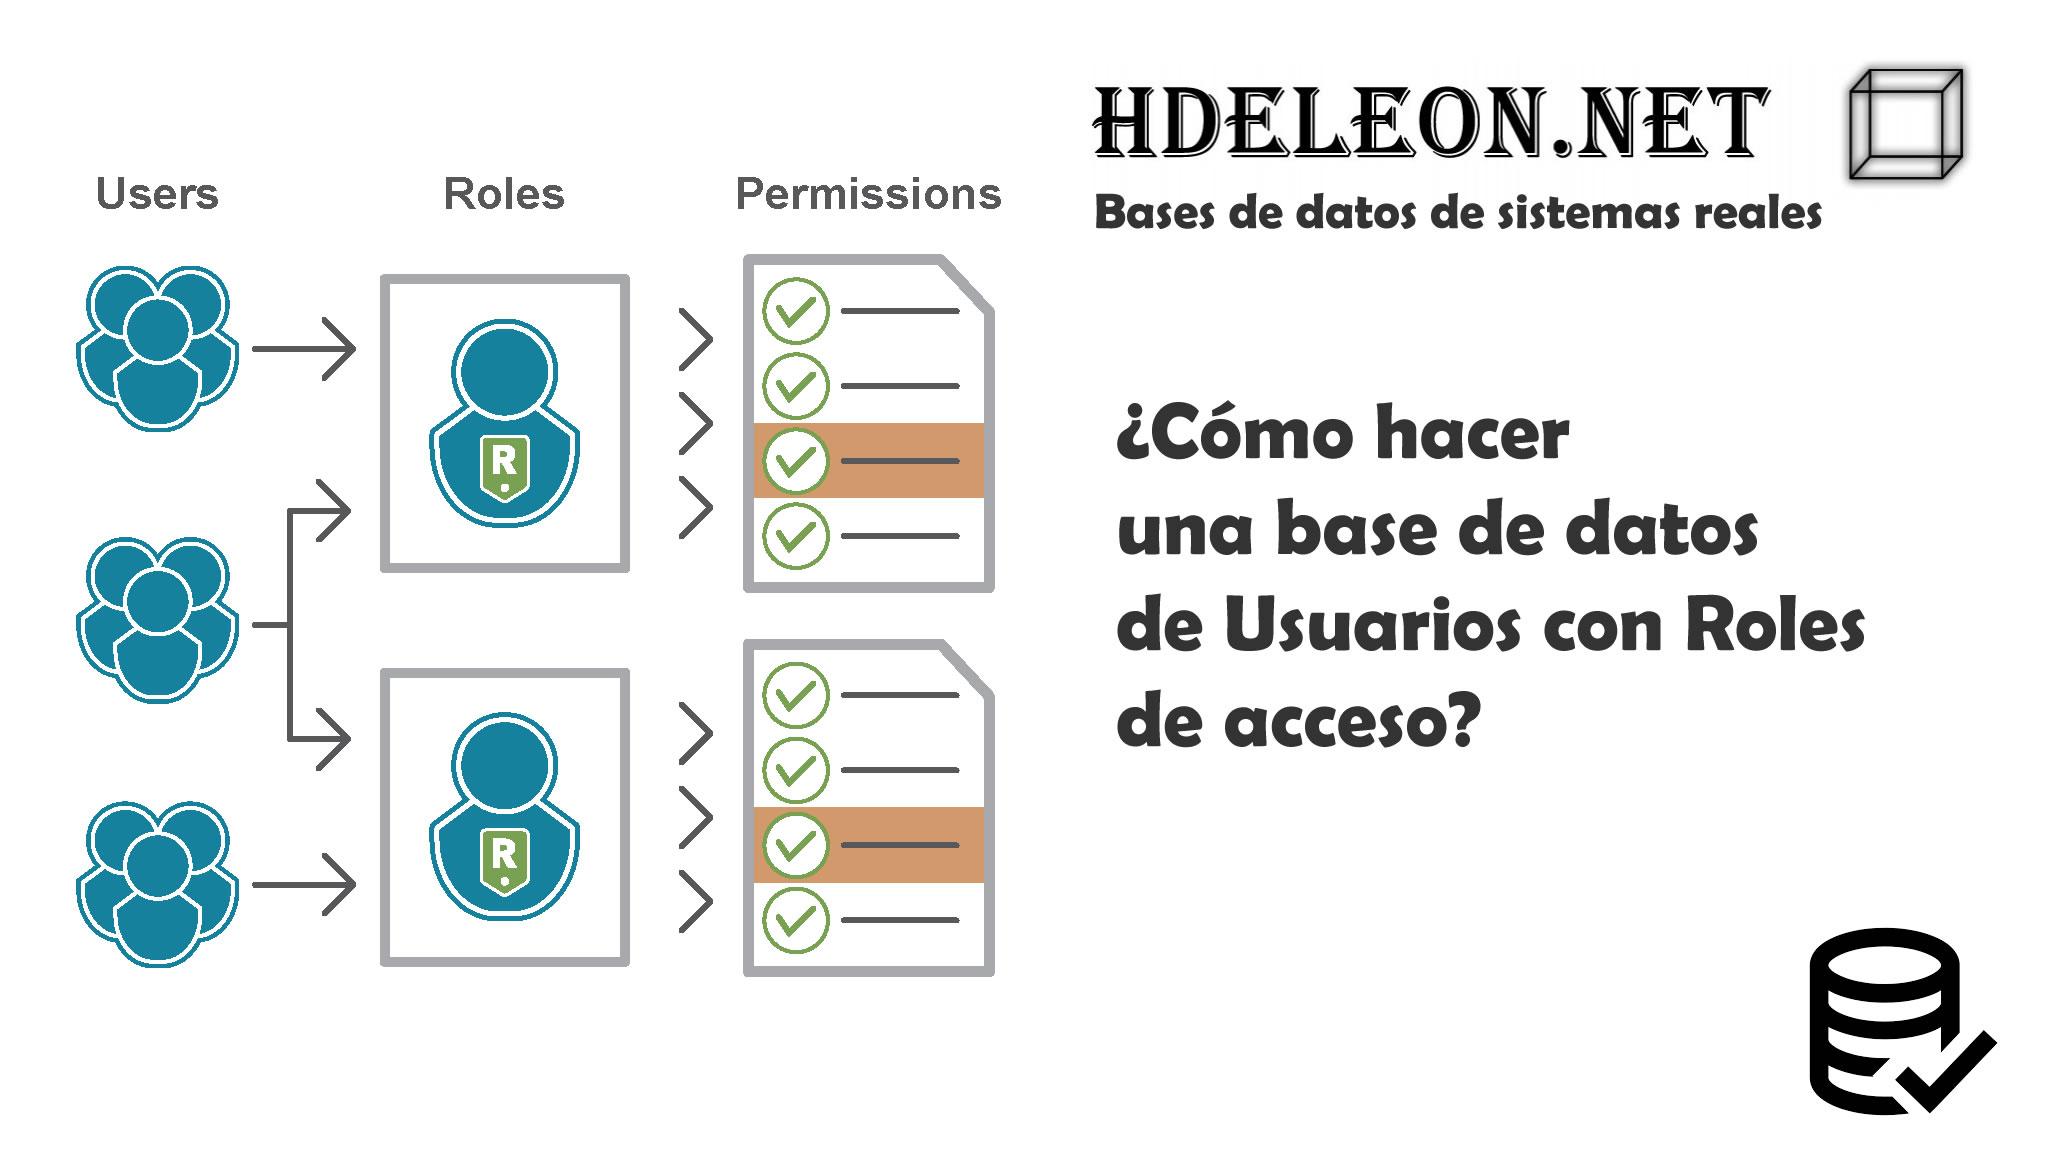 ¿Cómo hacer una base de datos de Usuarios con Roles de acceso?